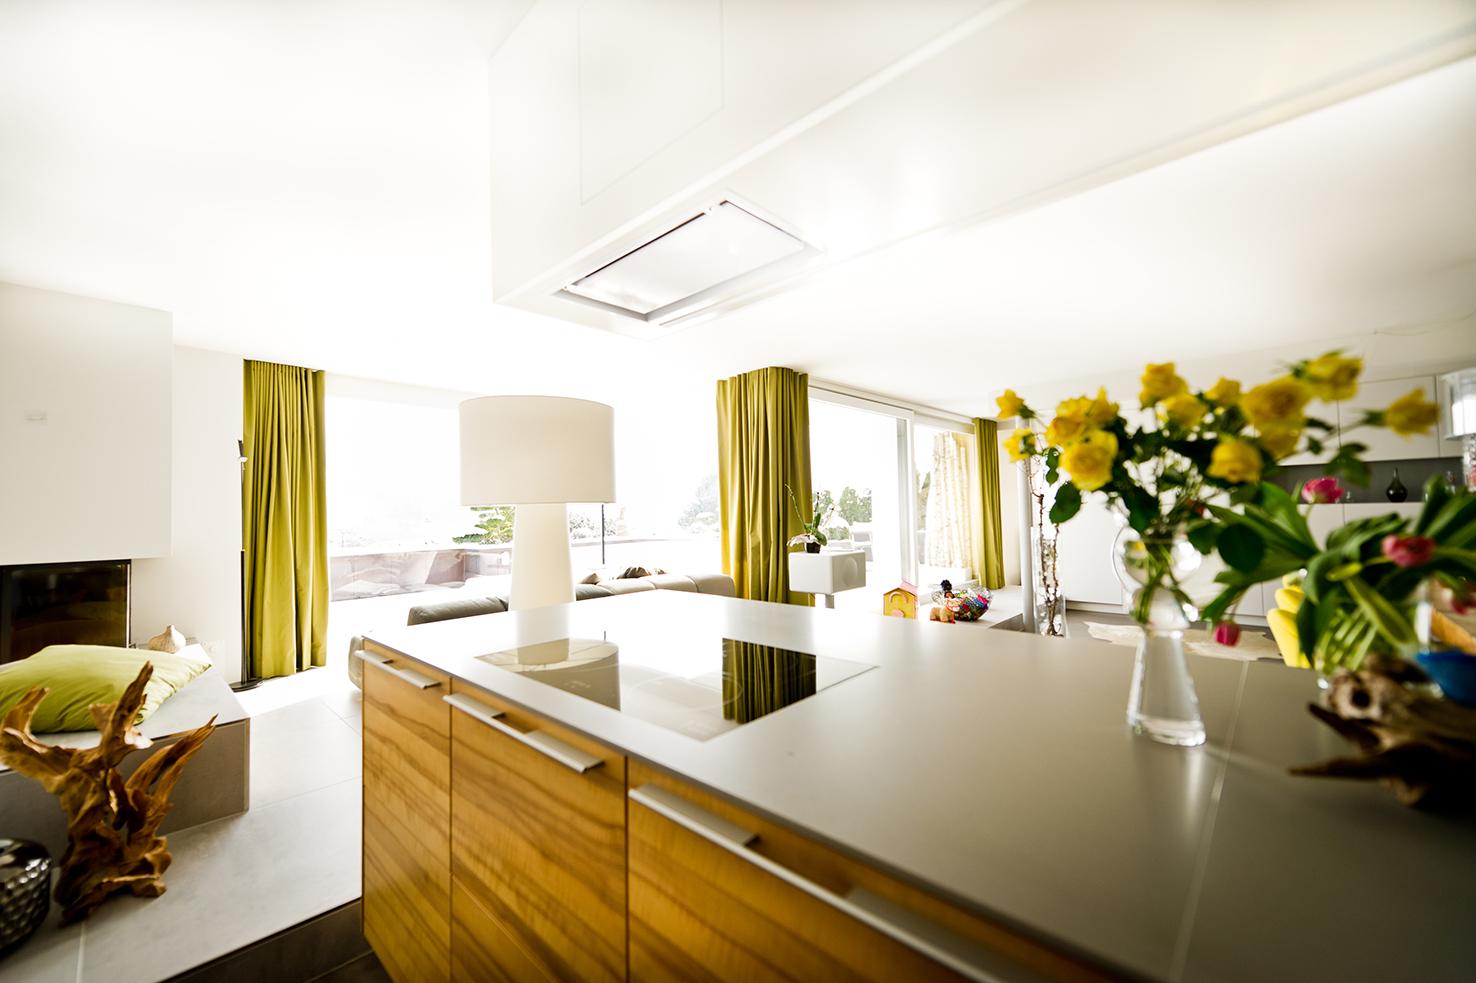 uppergrade-immobilienmarketing-house-of-property14.jpg